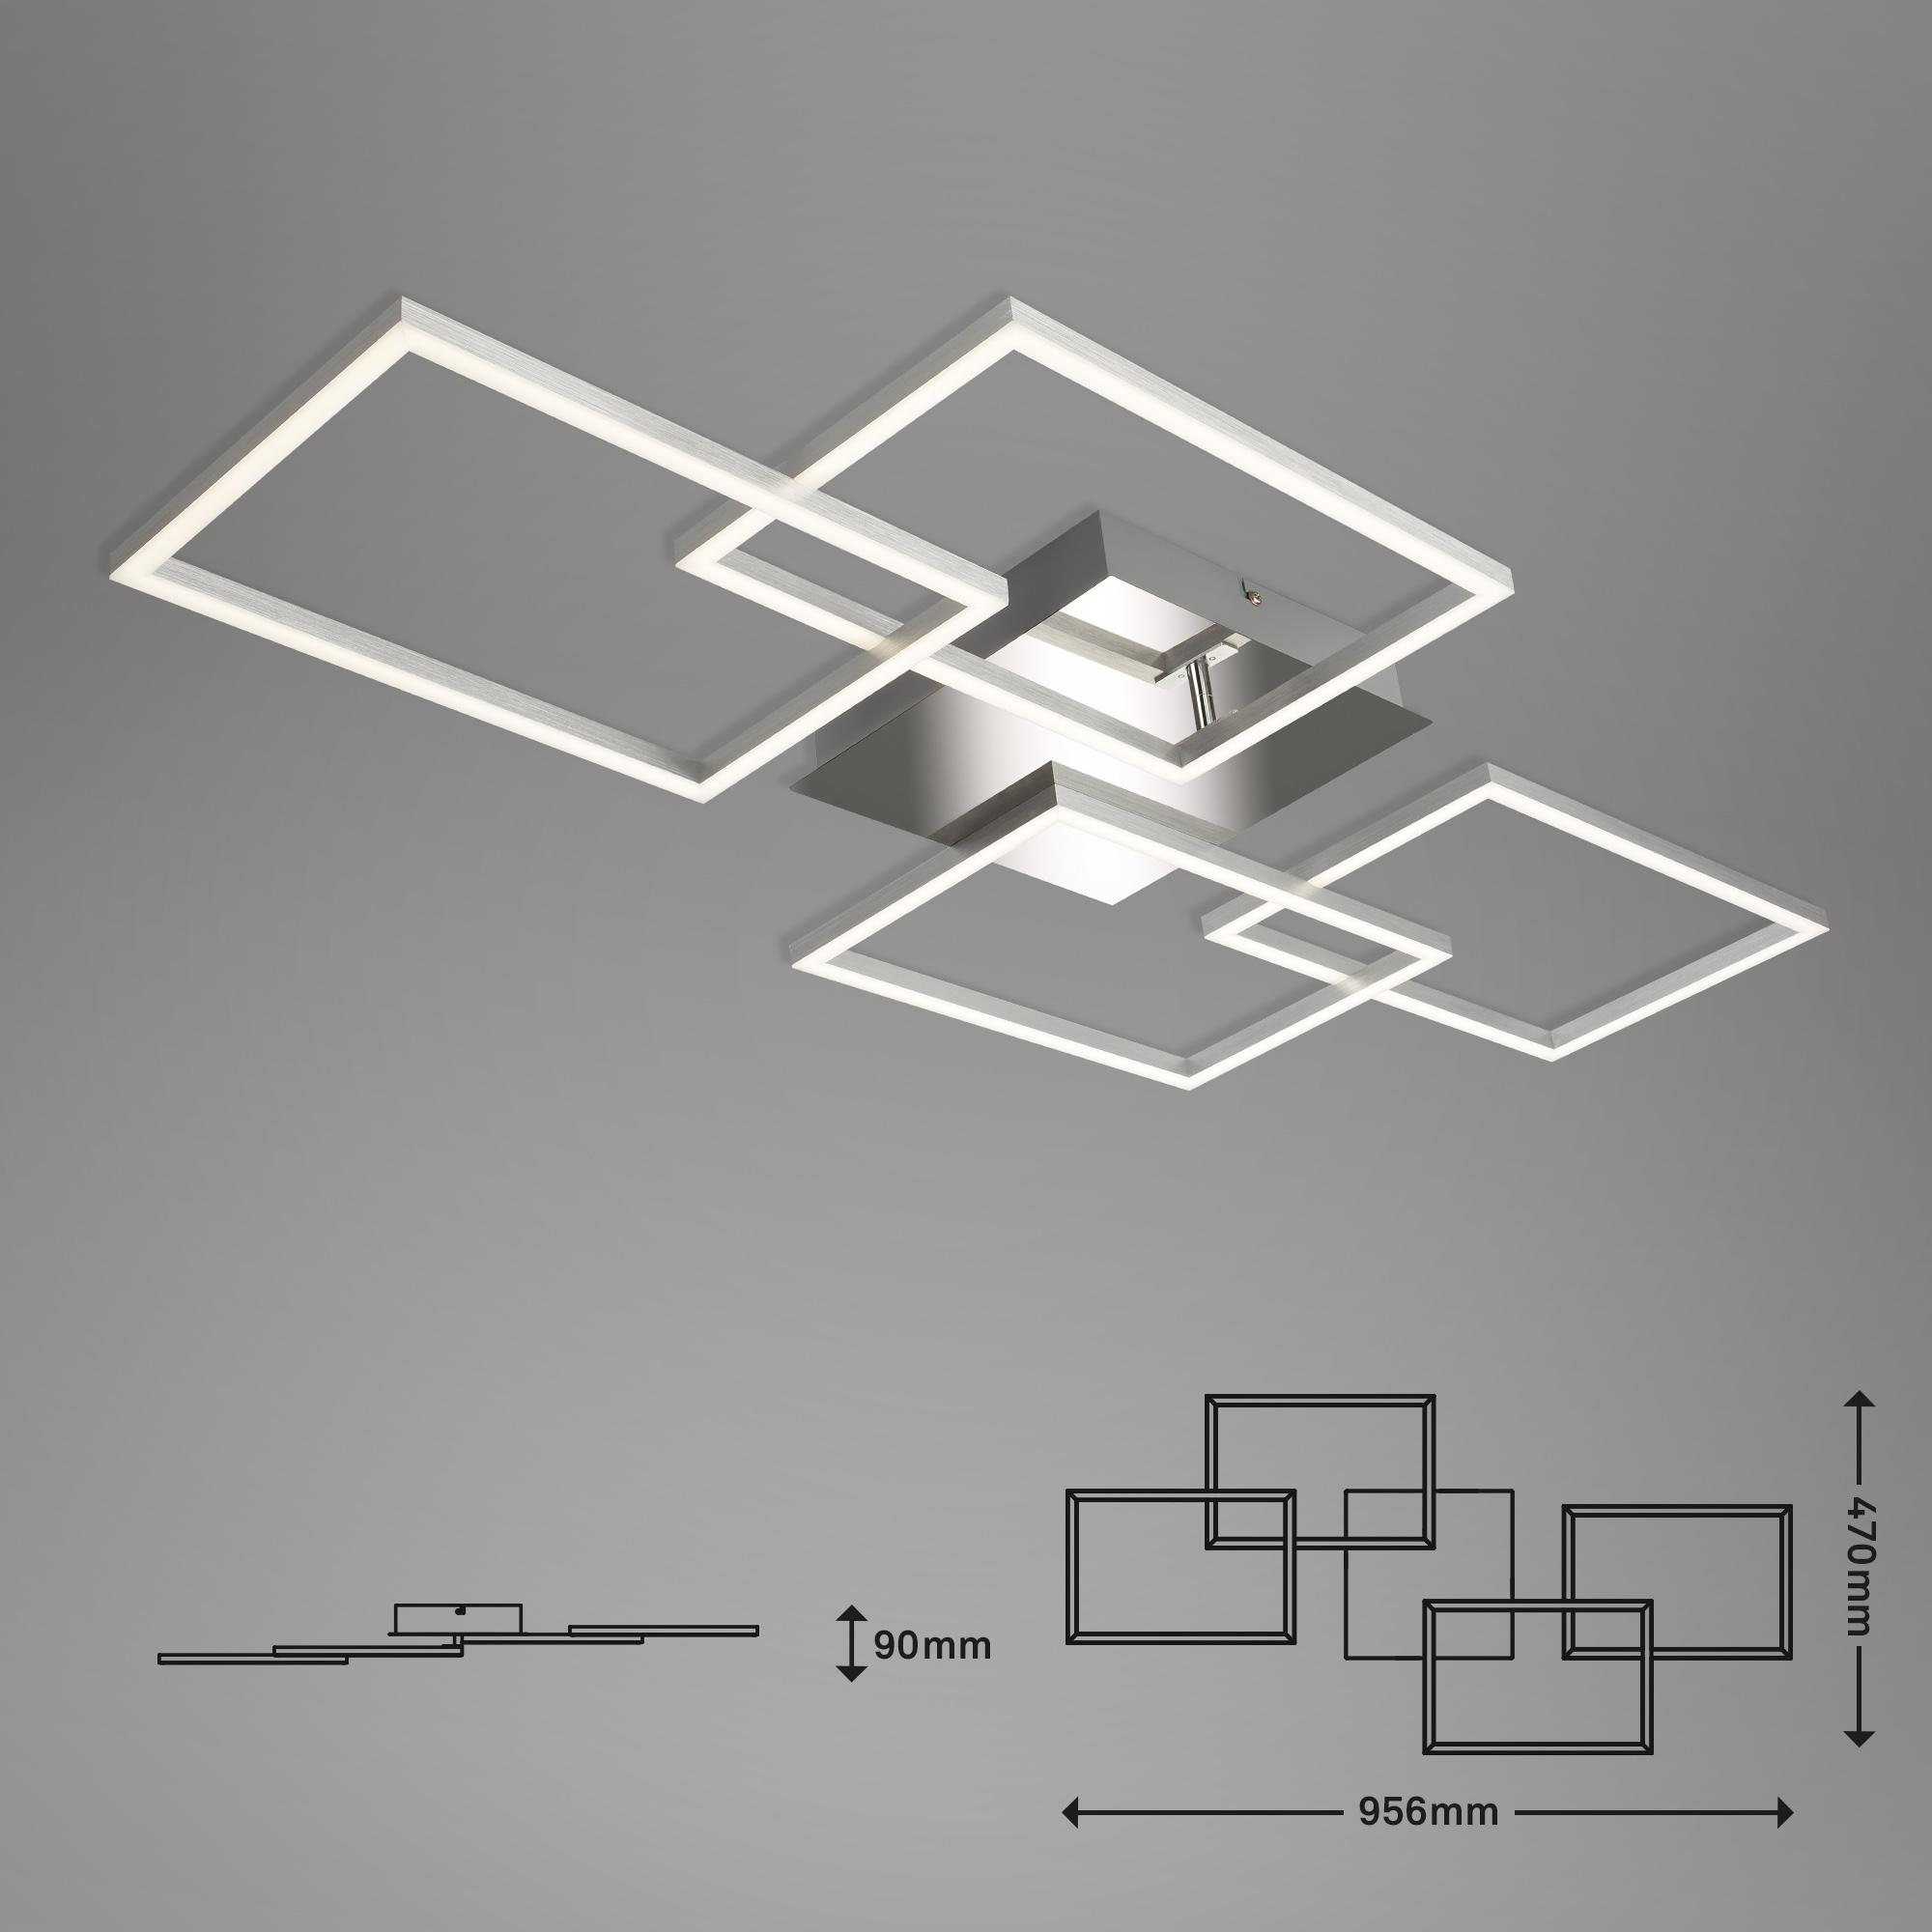 LED Deckenleuchte, 95,6 cm, 30 W, Chrom-Alu